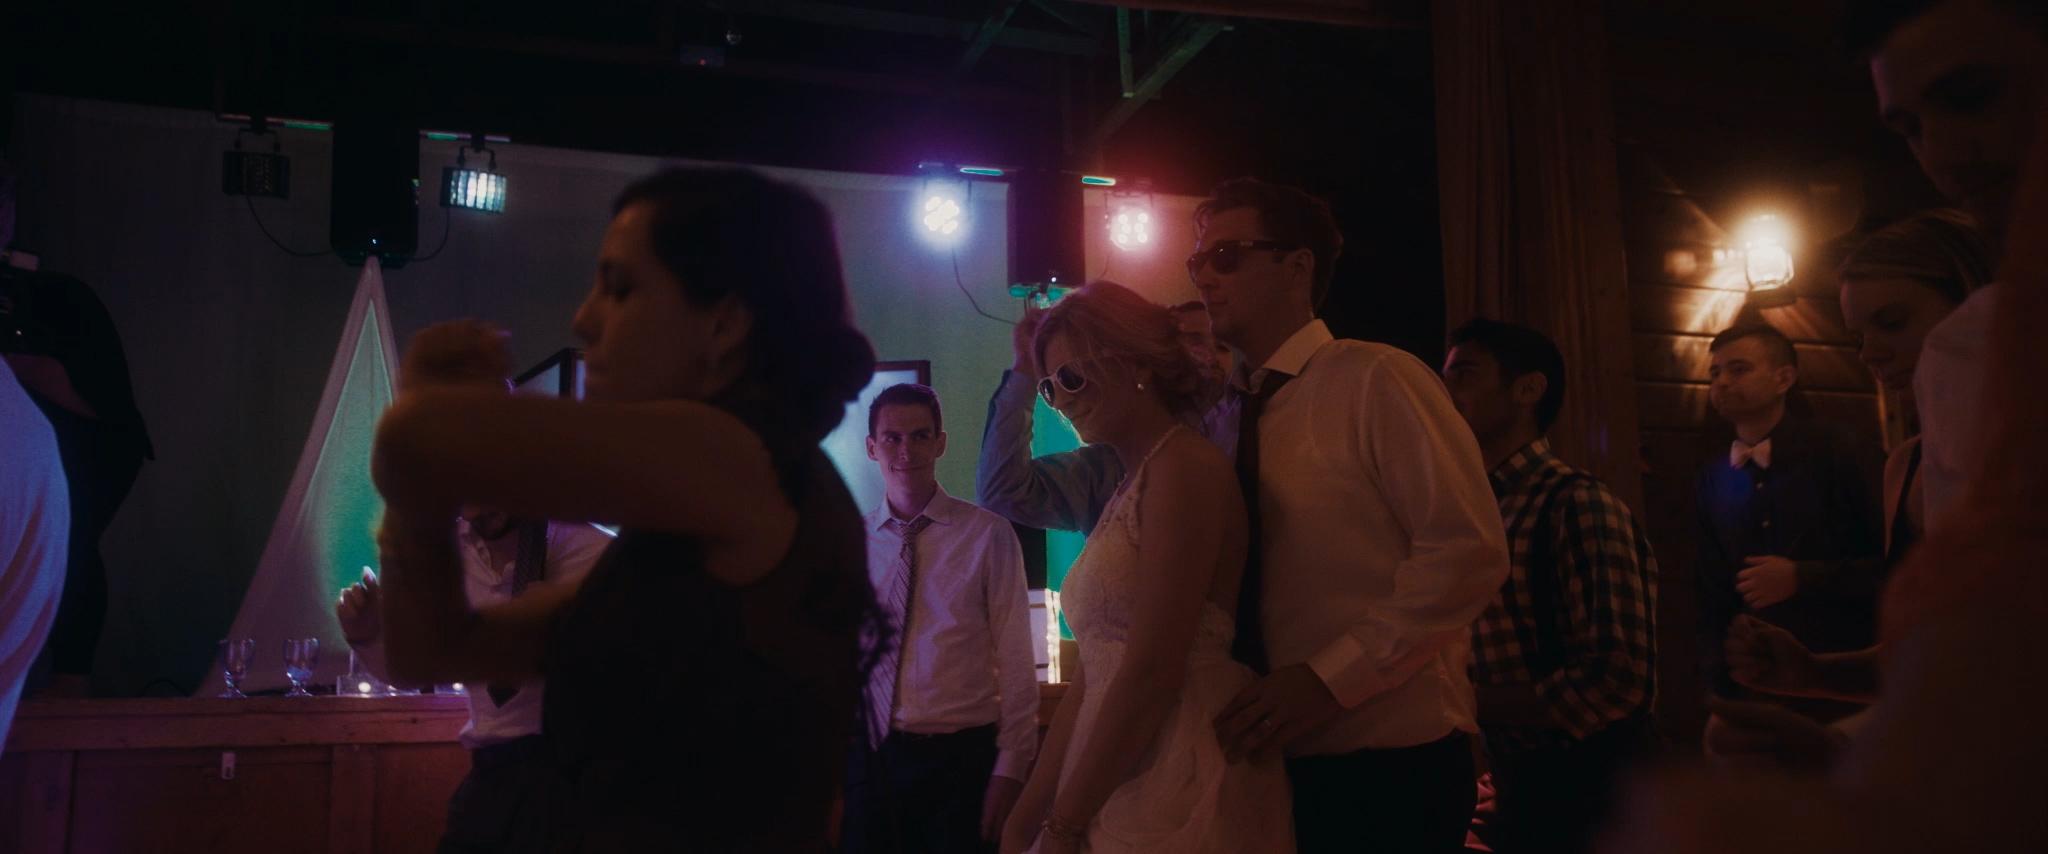 HAVENS_Wedding_Film.00_07_16_11.Still082.jpg